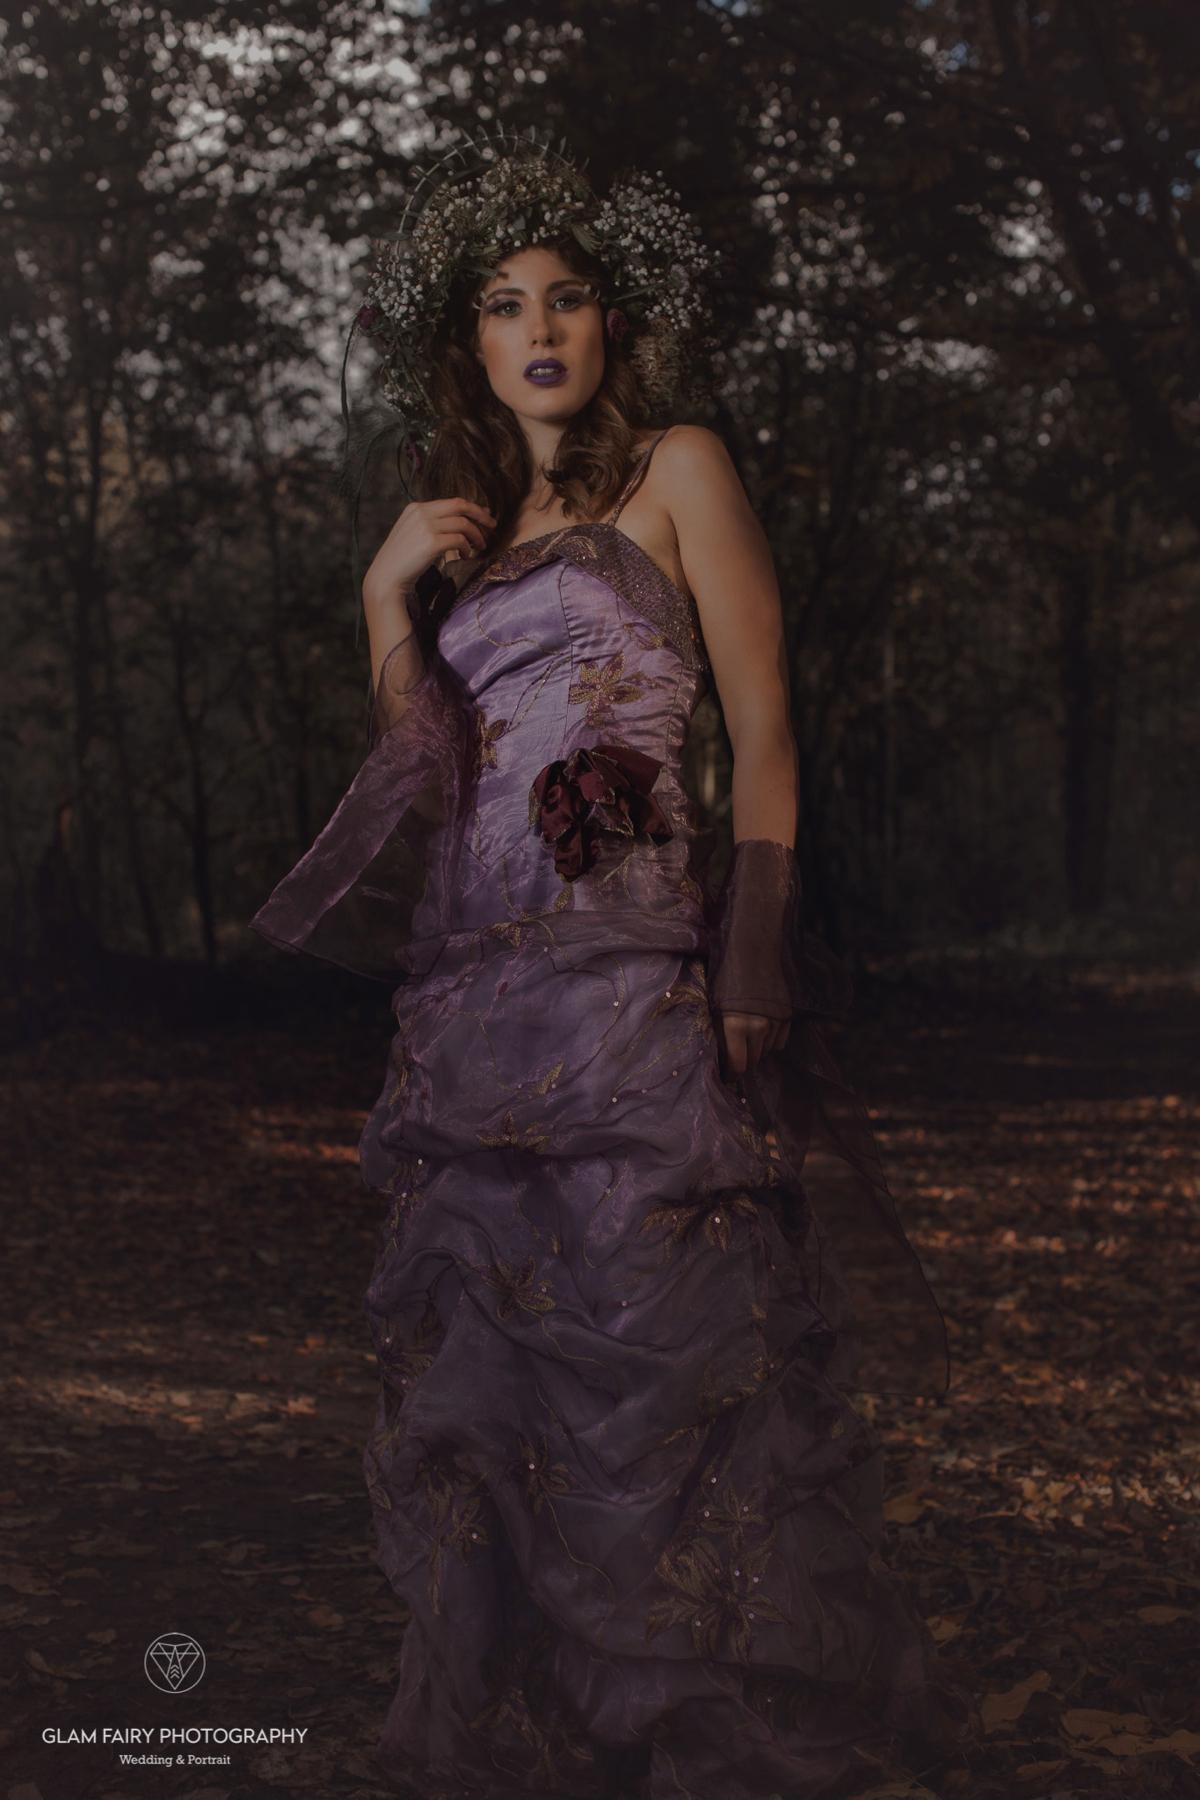 glamfairyphotography-seance-portrait-creatif-madeleine_0012